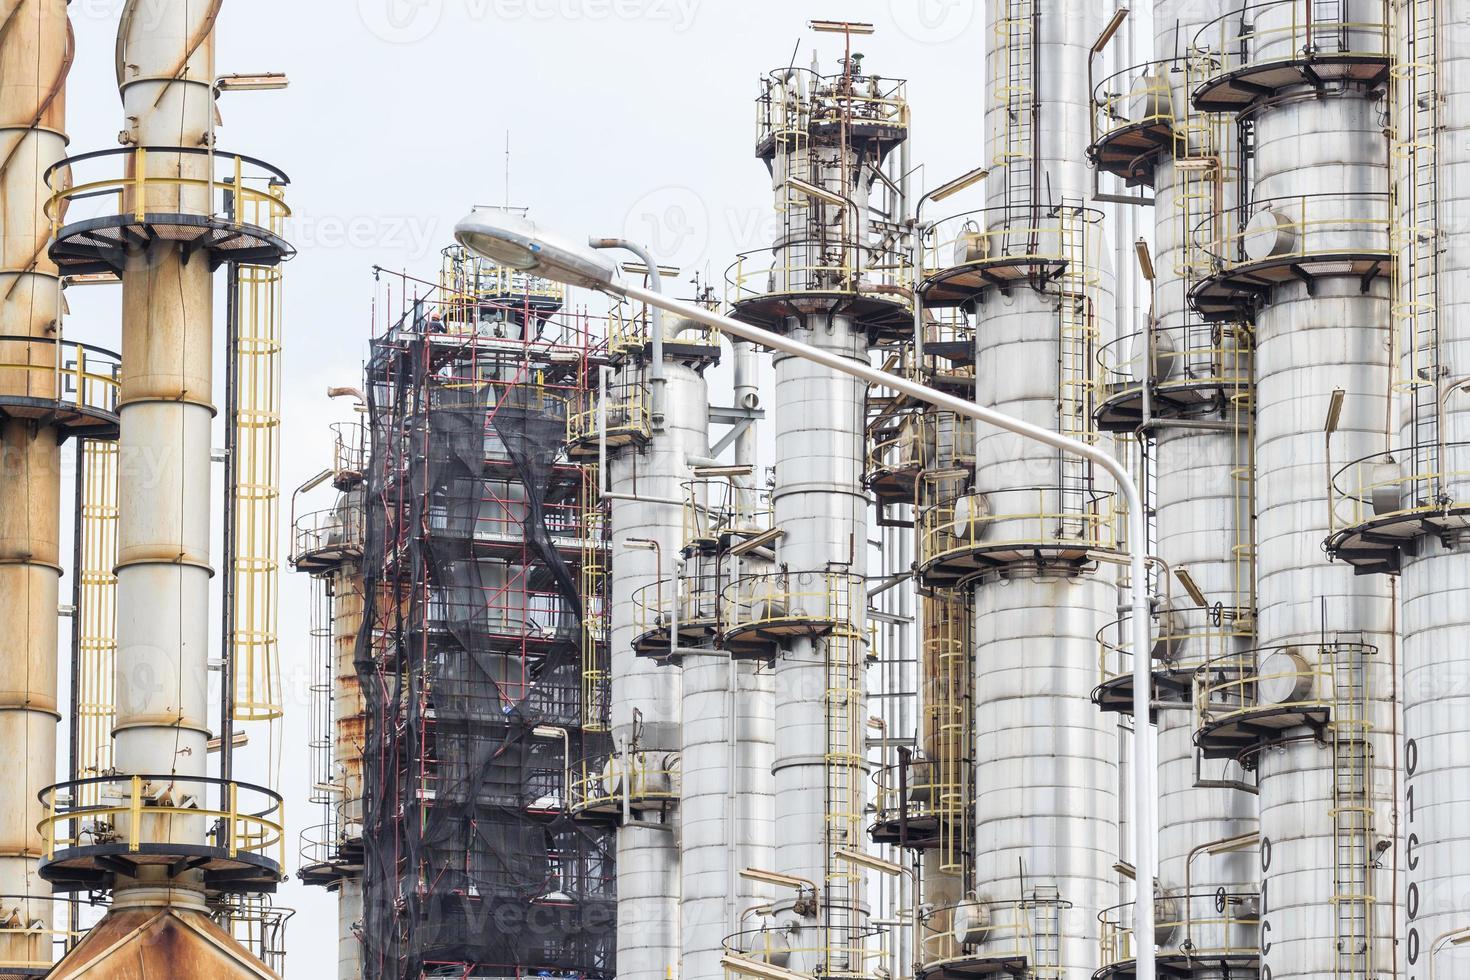 oliefabriek toren foto